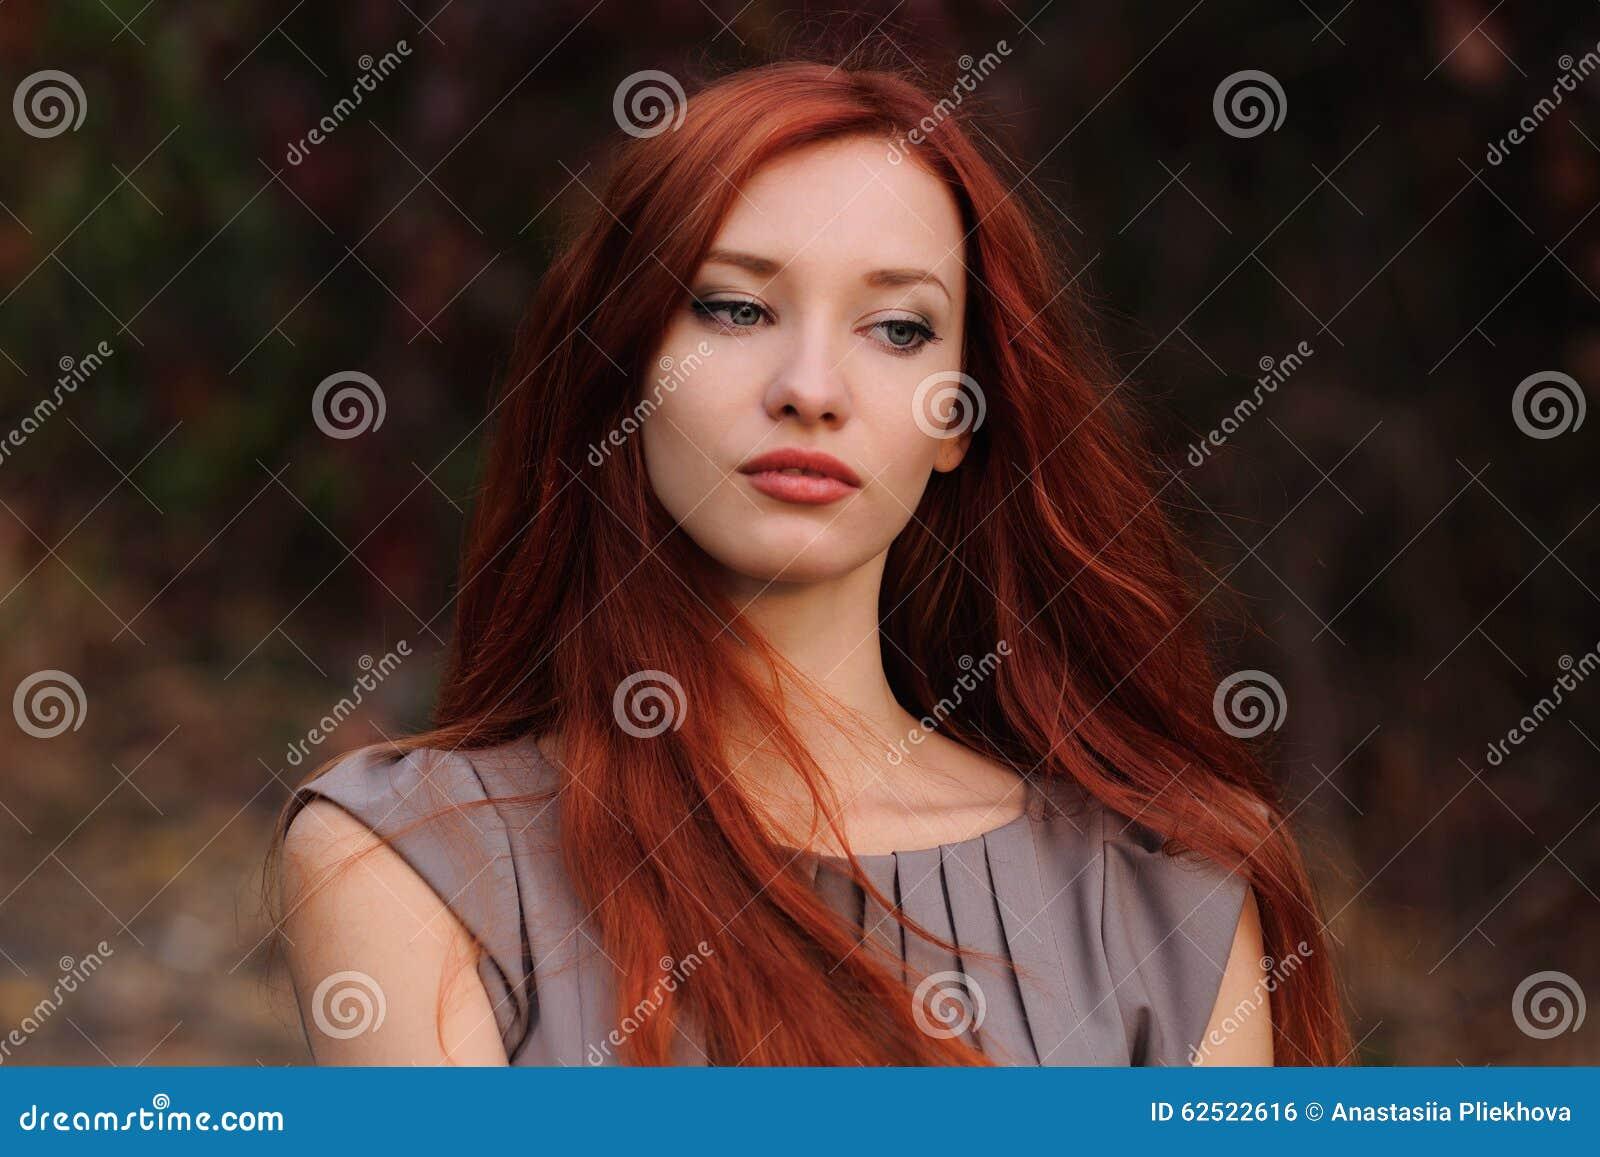 In openlucht portret van mooie jonge vrouw met rood haar